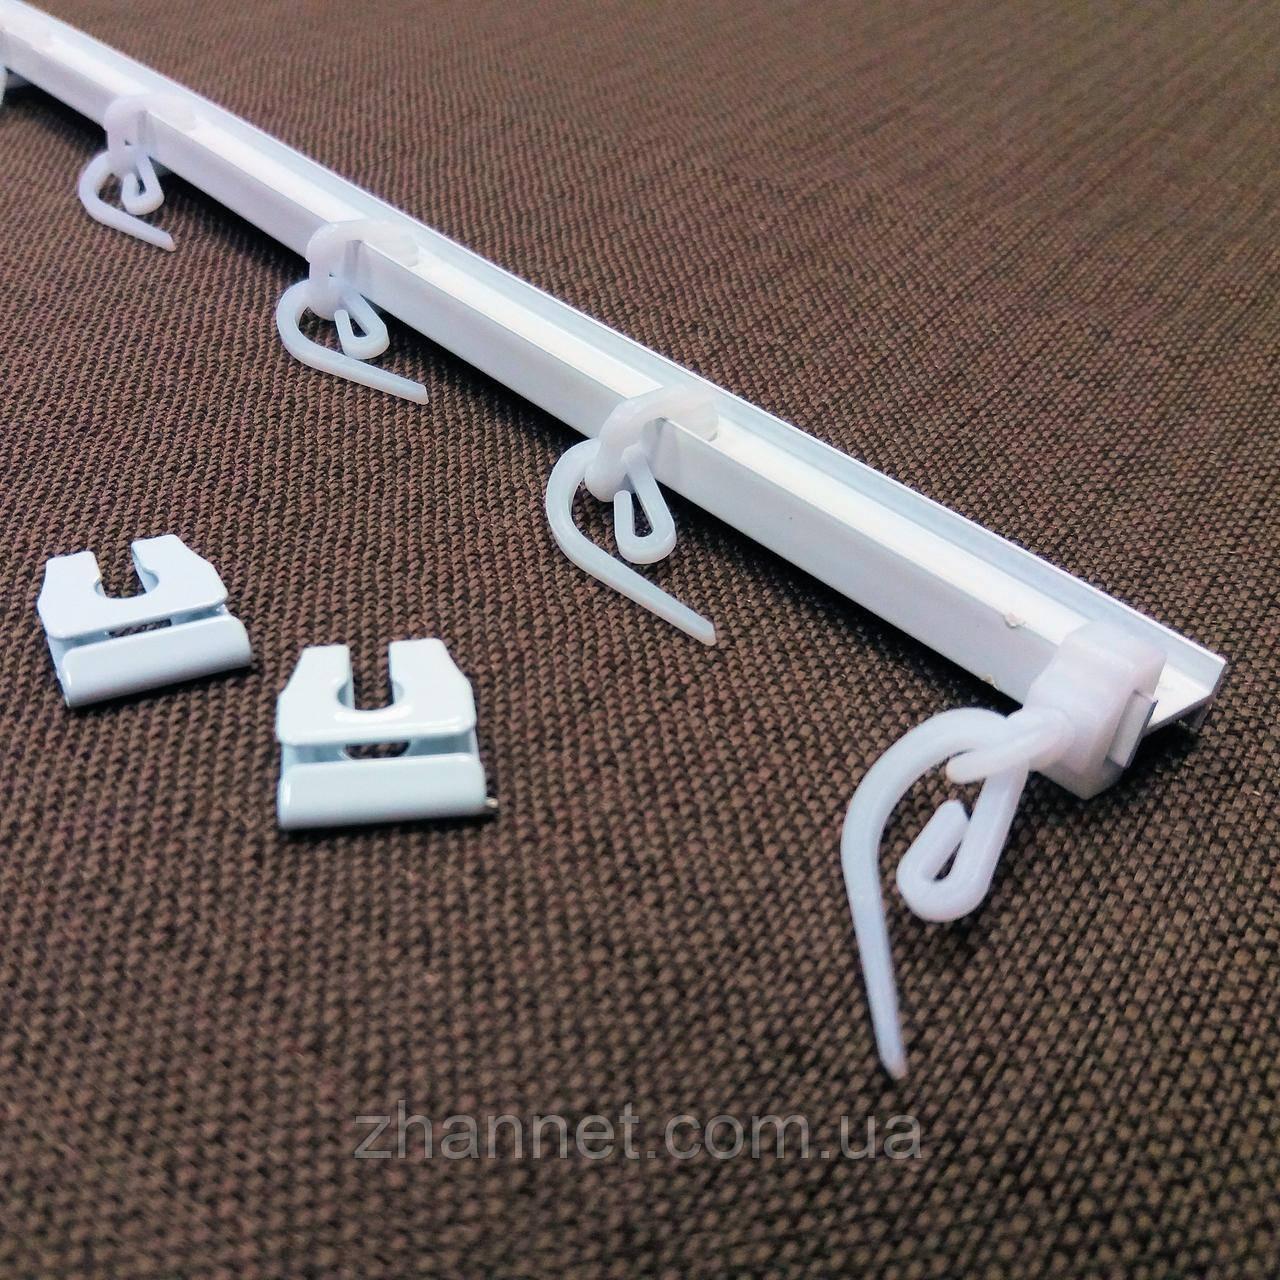 Карниз потолочный самогнущийся T-профиль алюминиевый белый (670108)